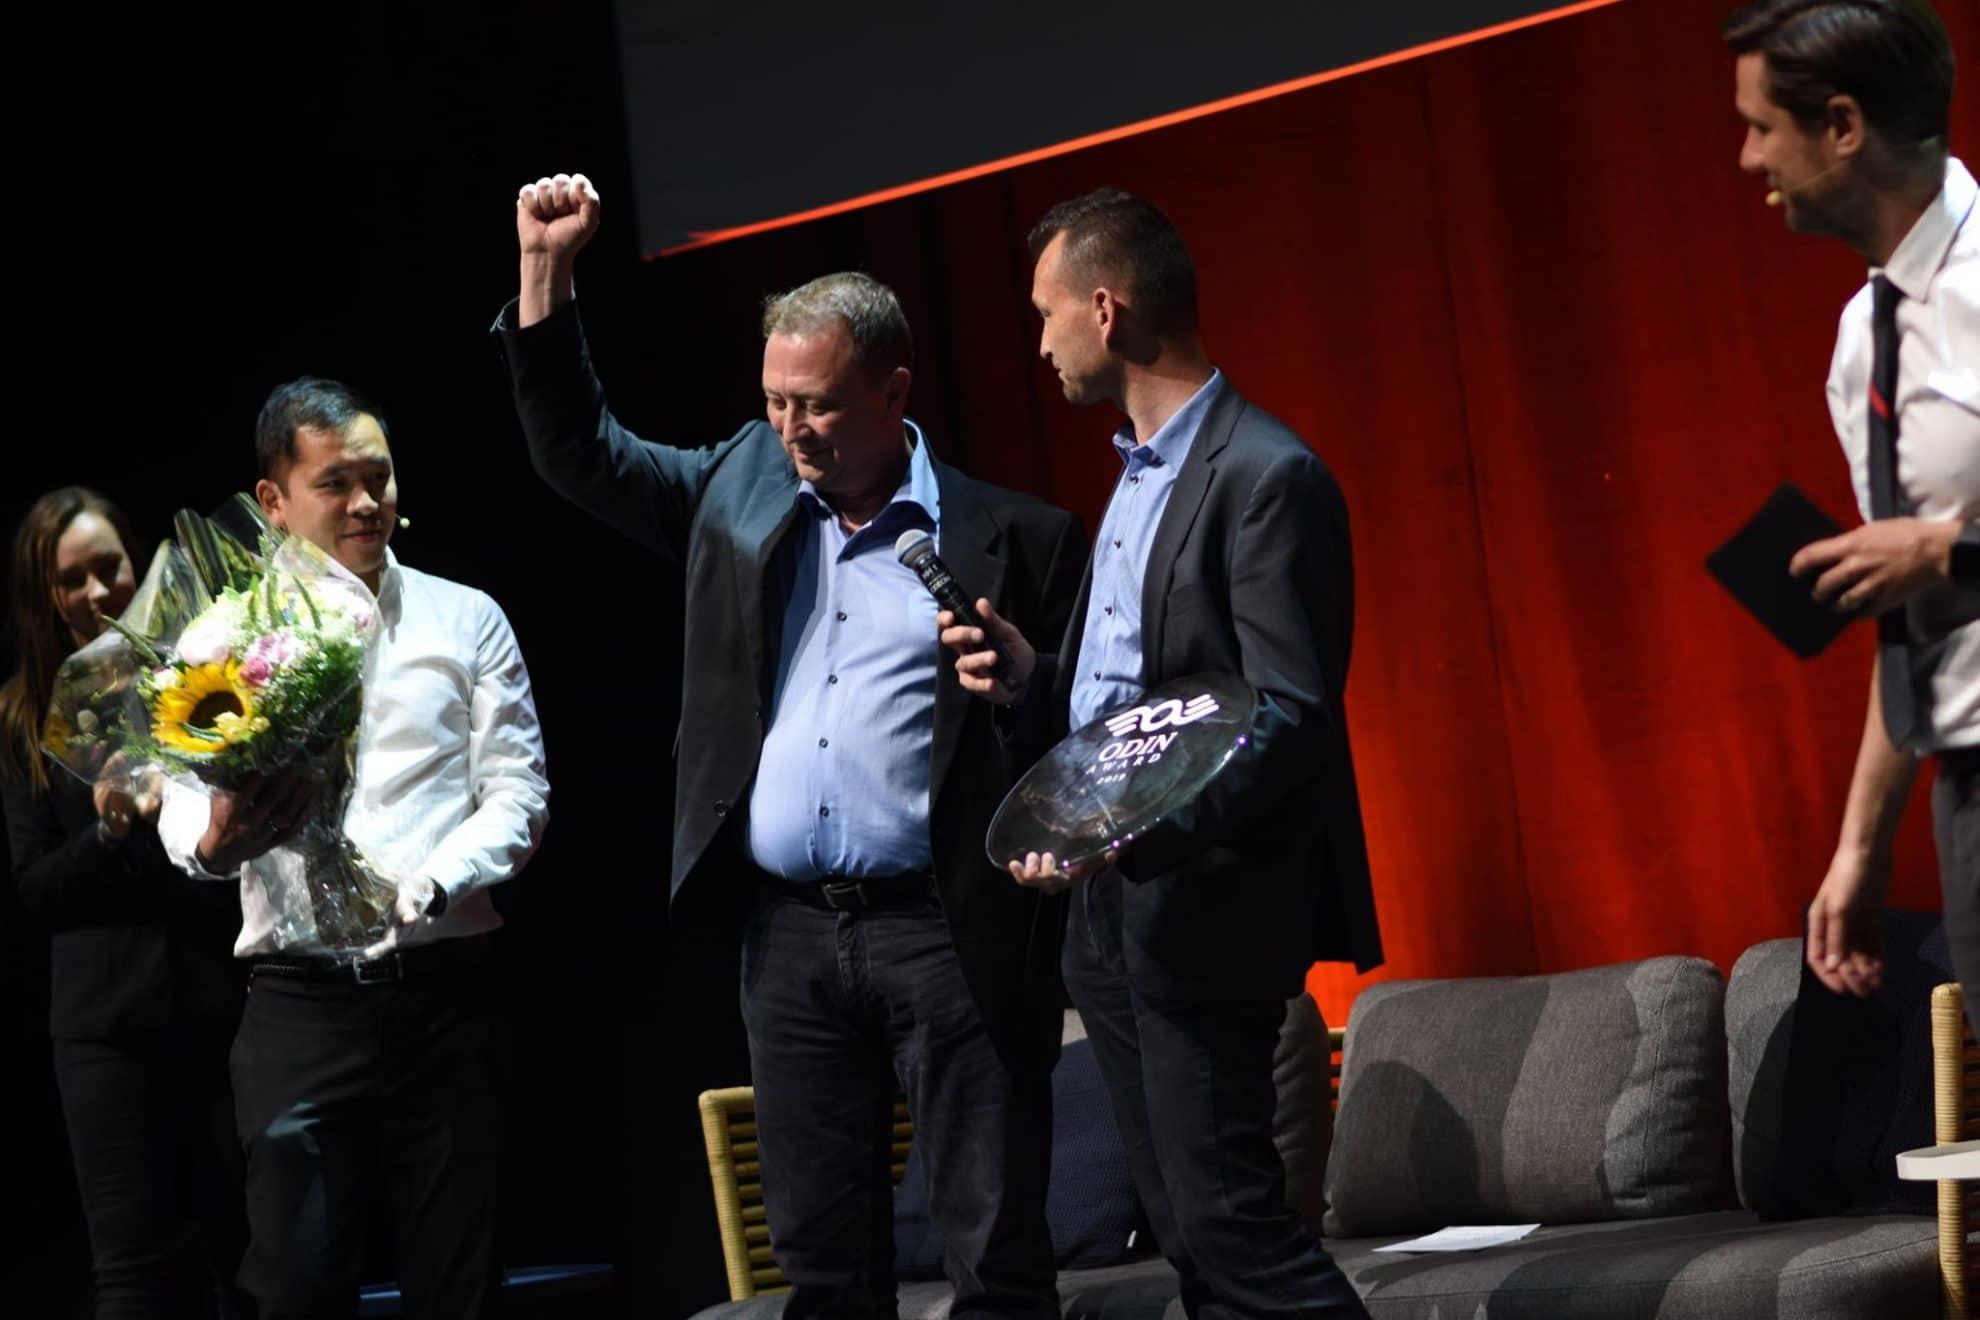 Nordic Robot vandt Odin Award 2019, der blev afholdt for anden gang